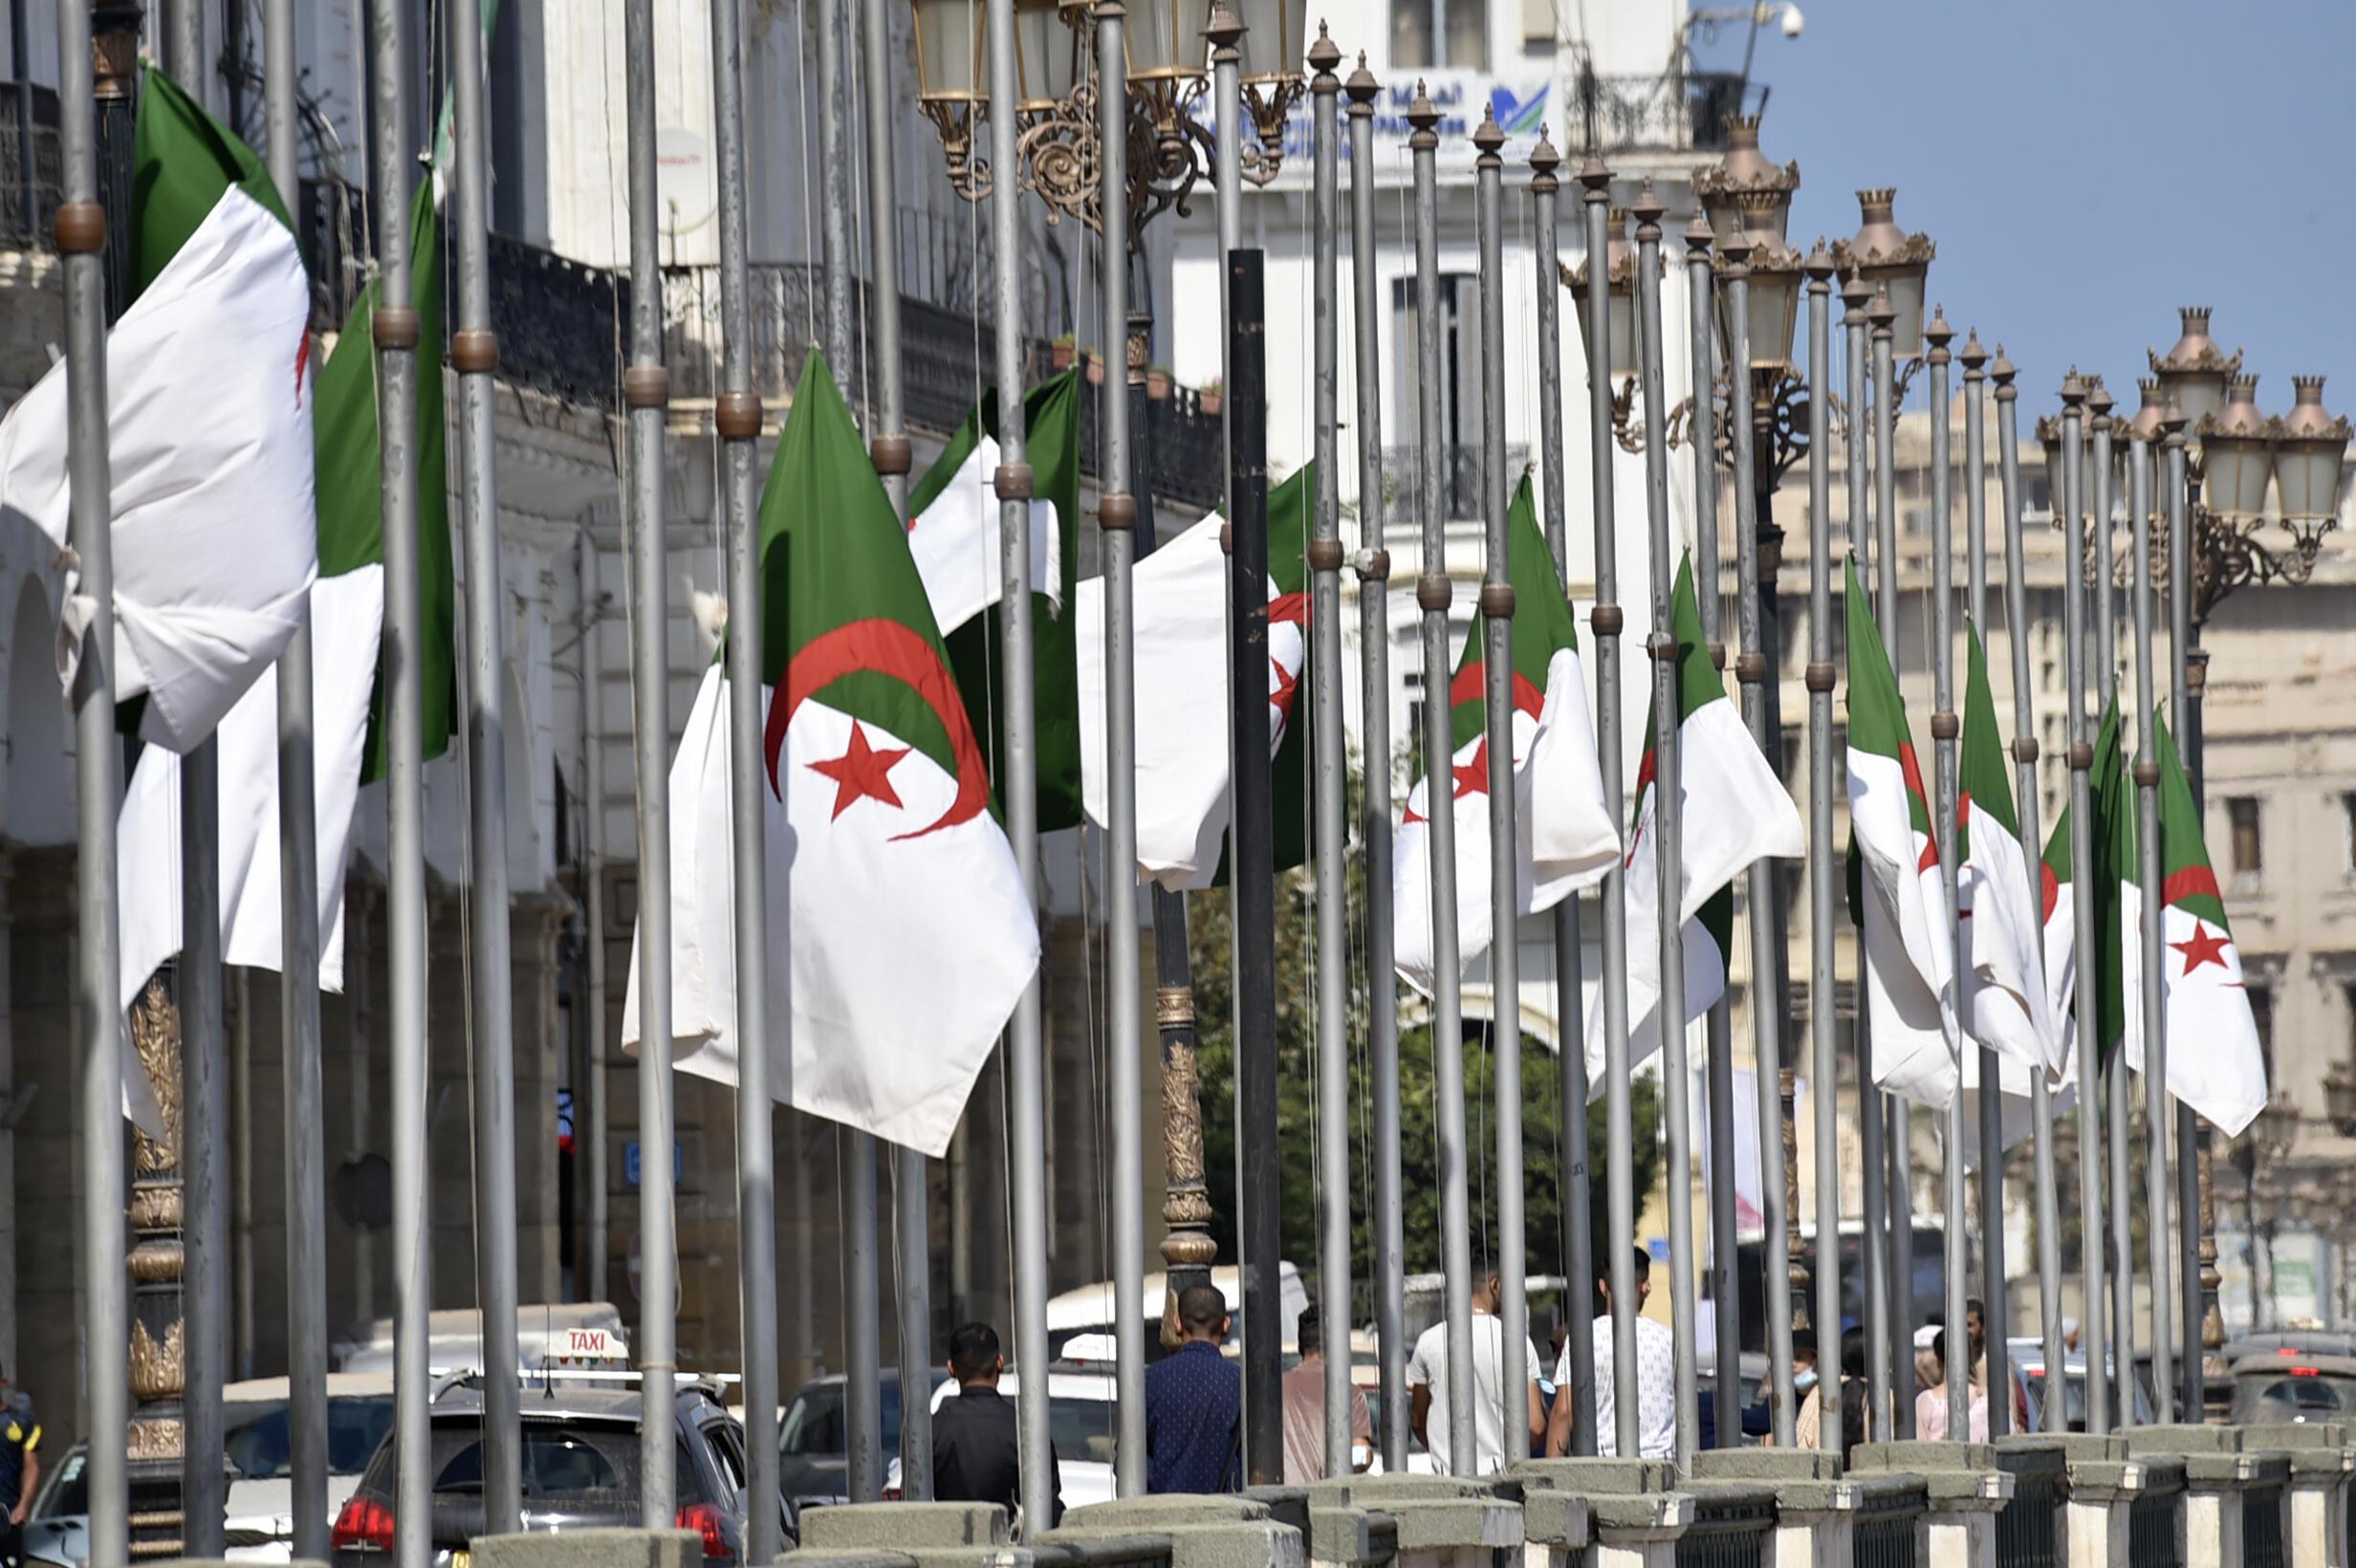 أعلام جزائرية منكسة في العاصمة الجزائر في 18 أيلول/سبتمبر 2021 بعد وفاة الرئيس السابق عبد العزيز بوتفليقة